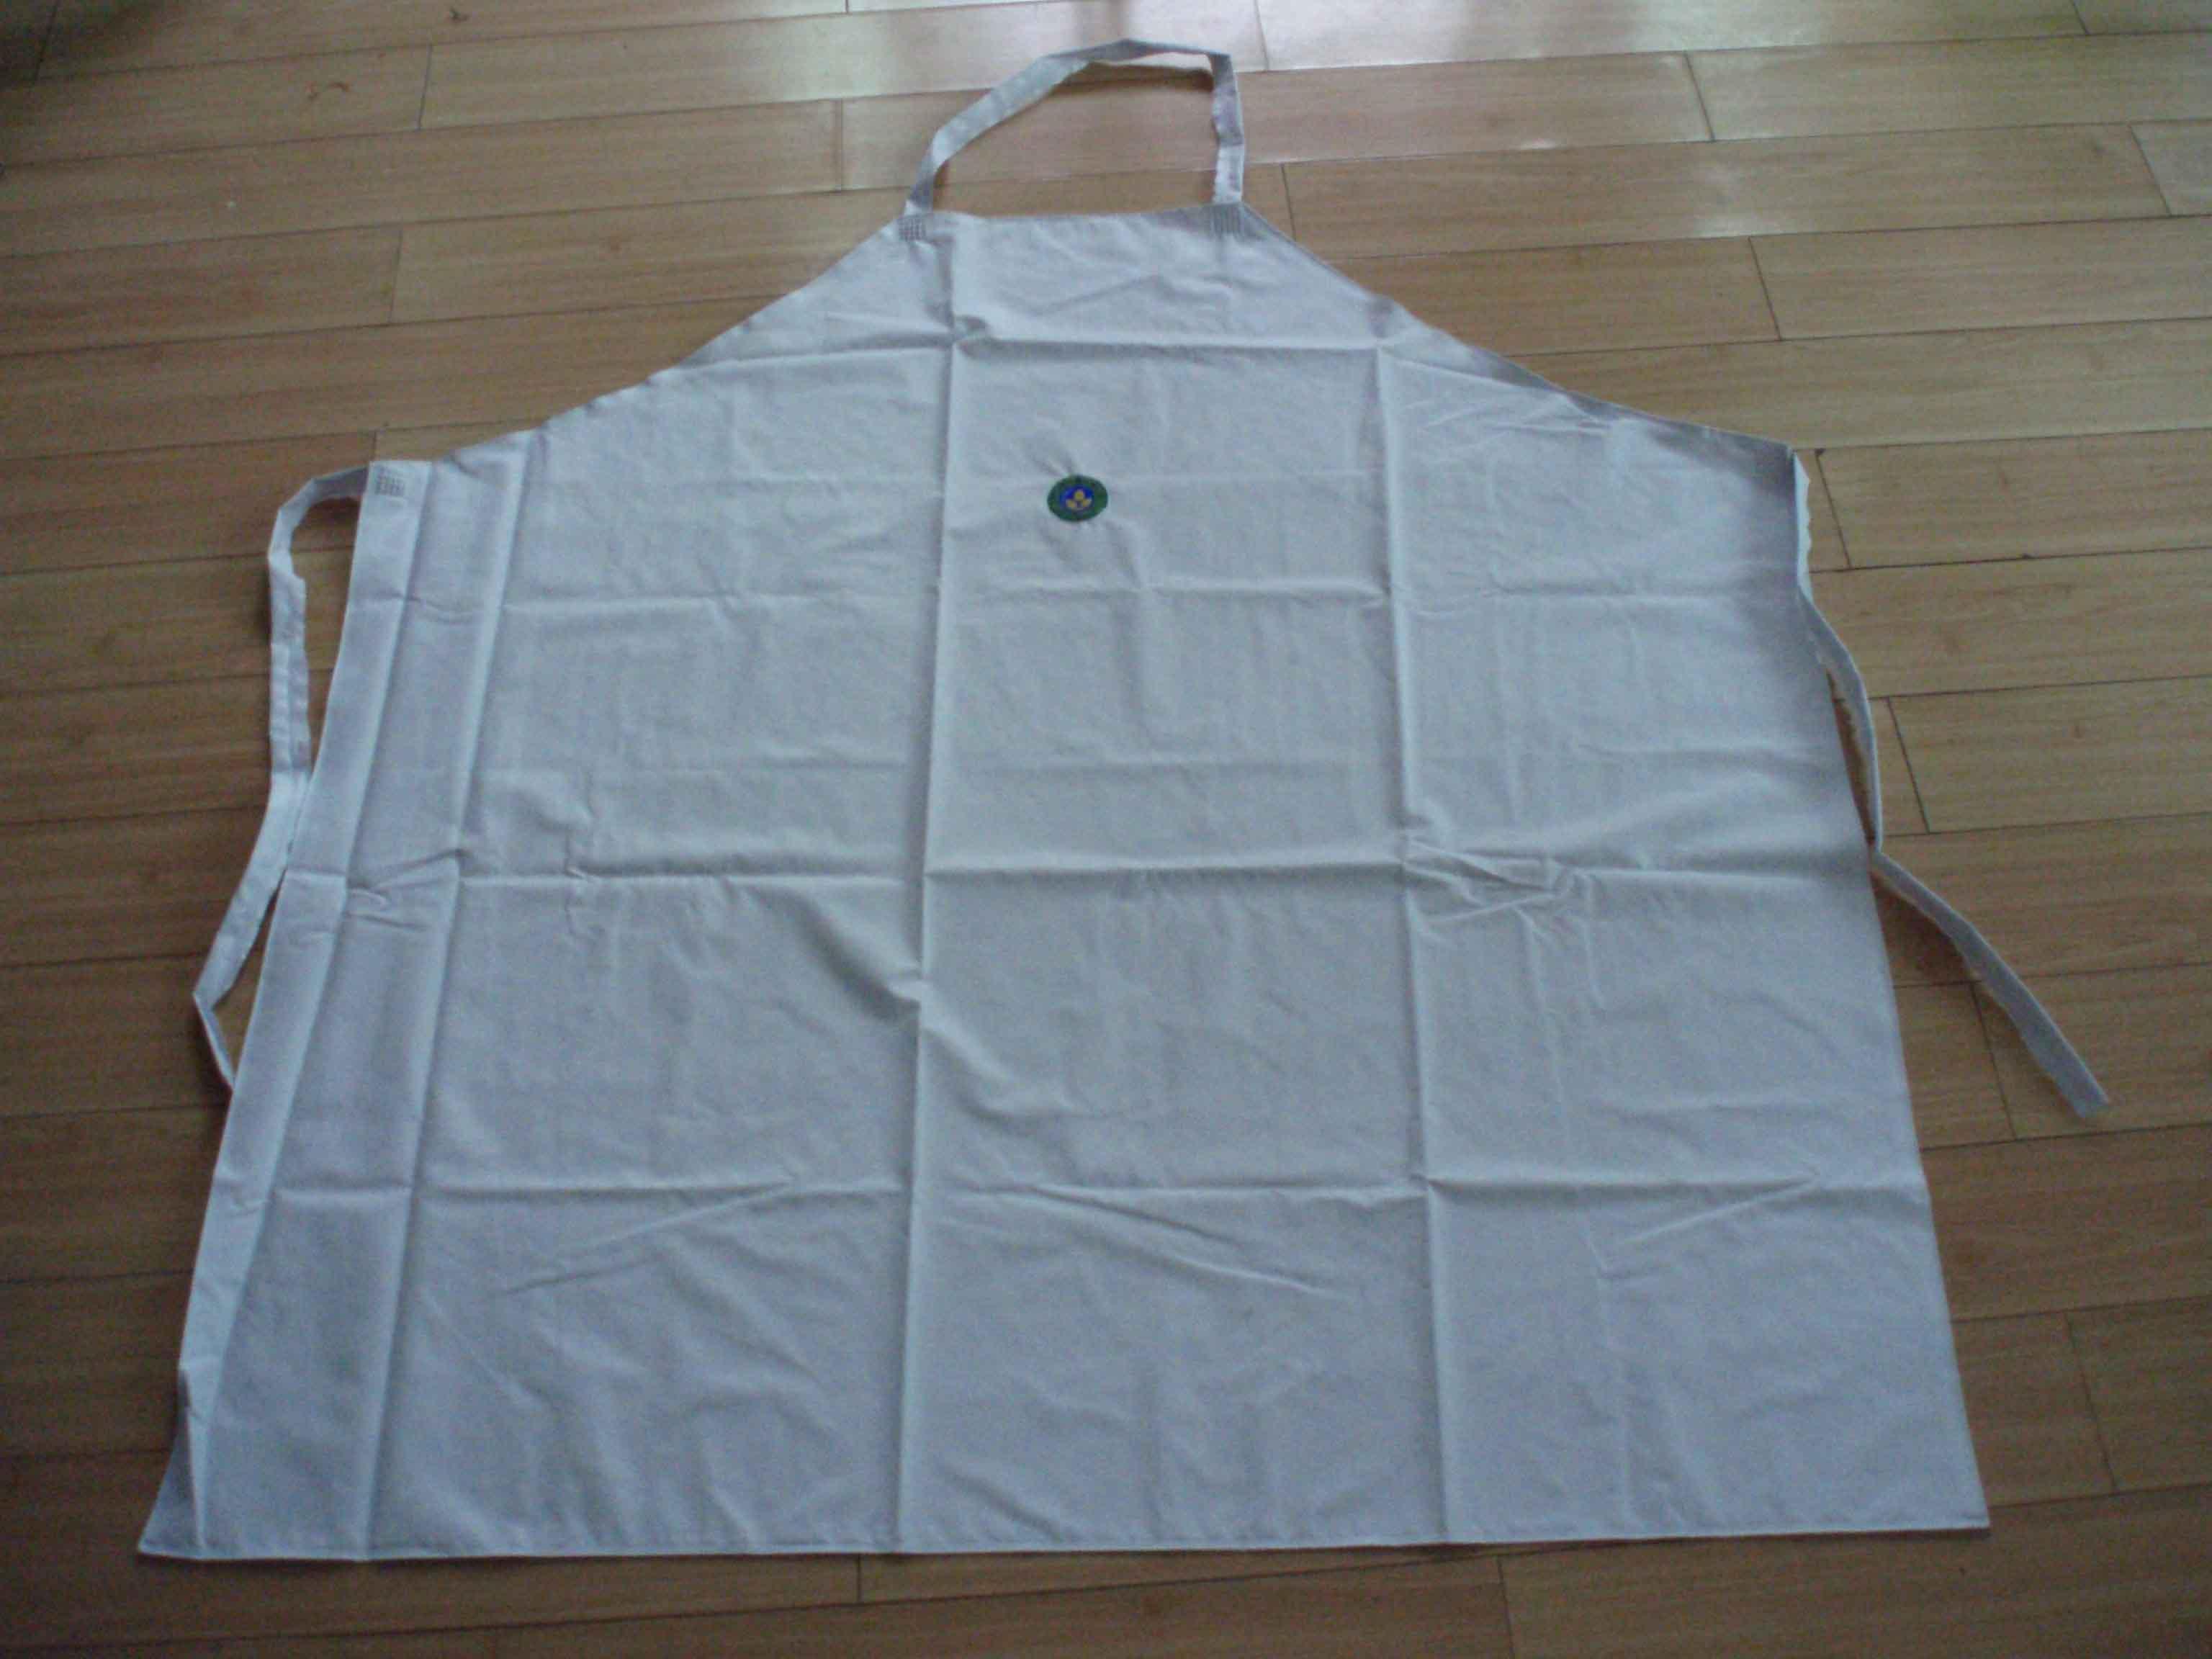 White rubber apron - Pvc Apron